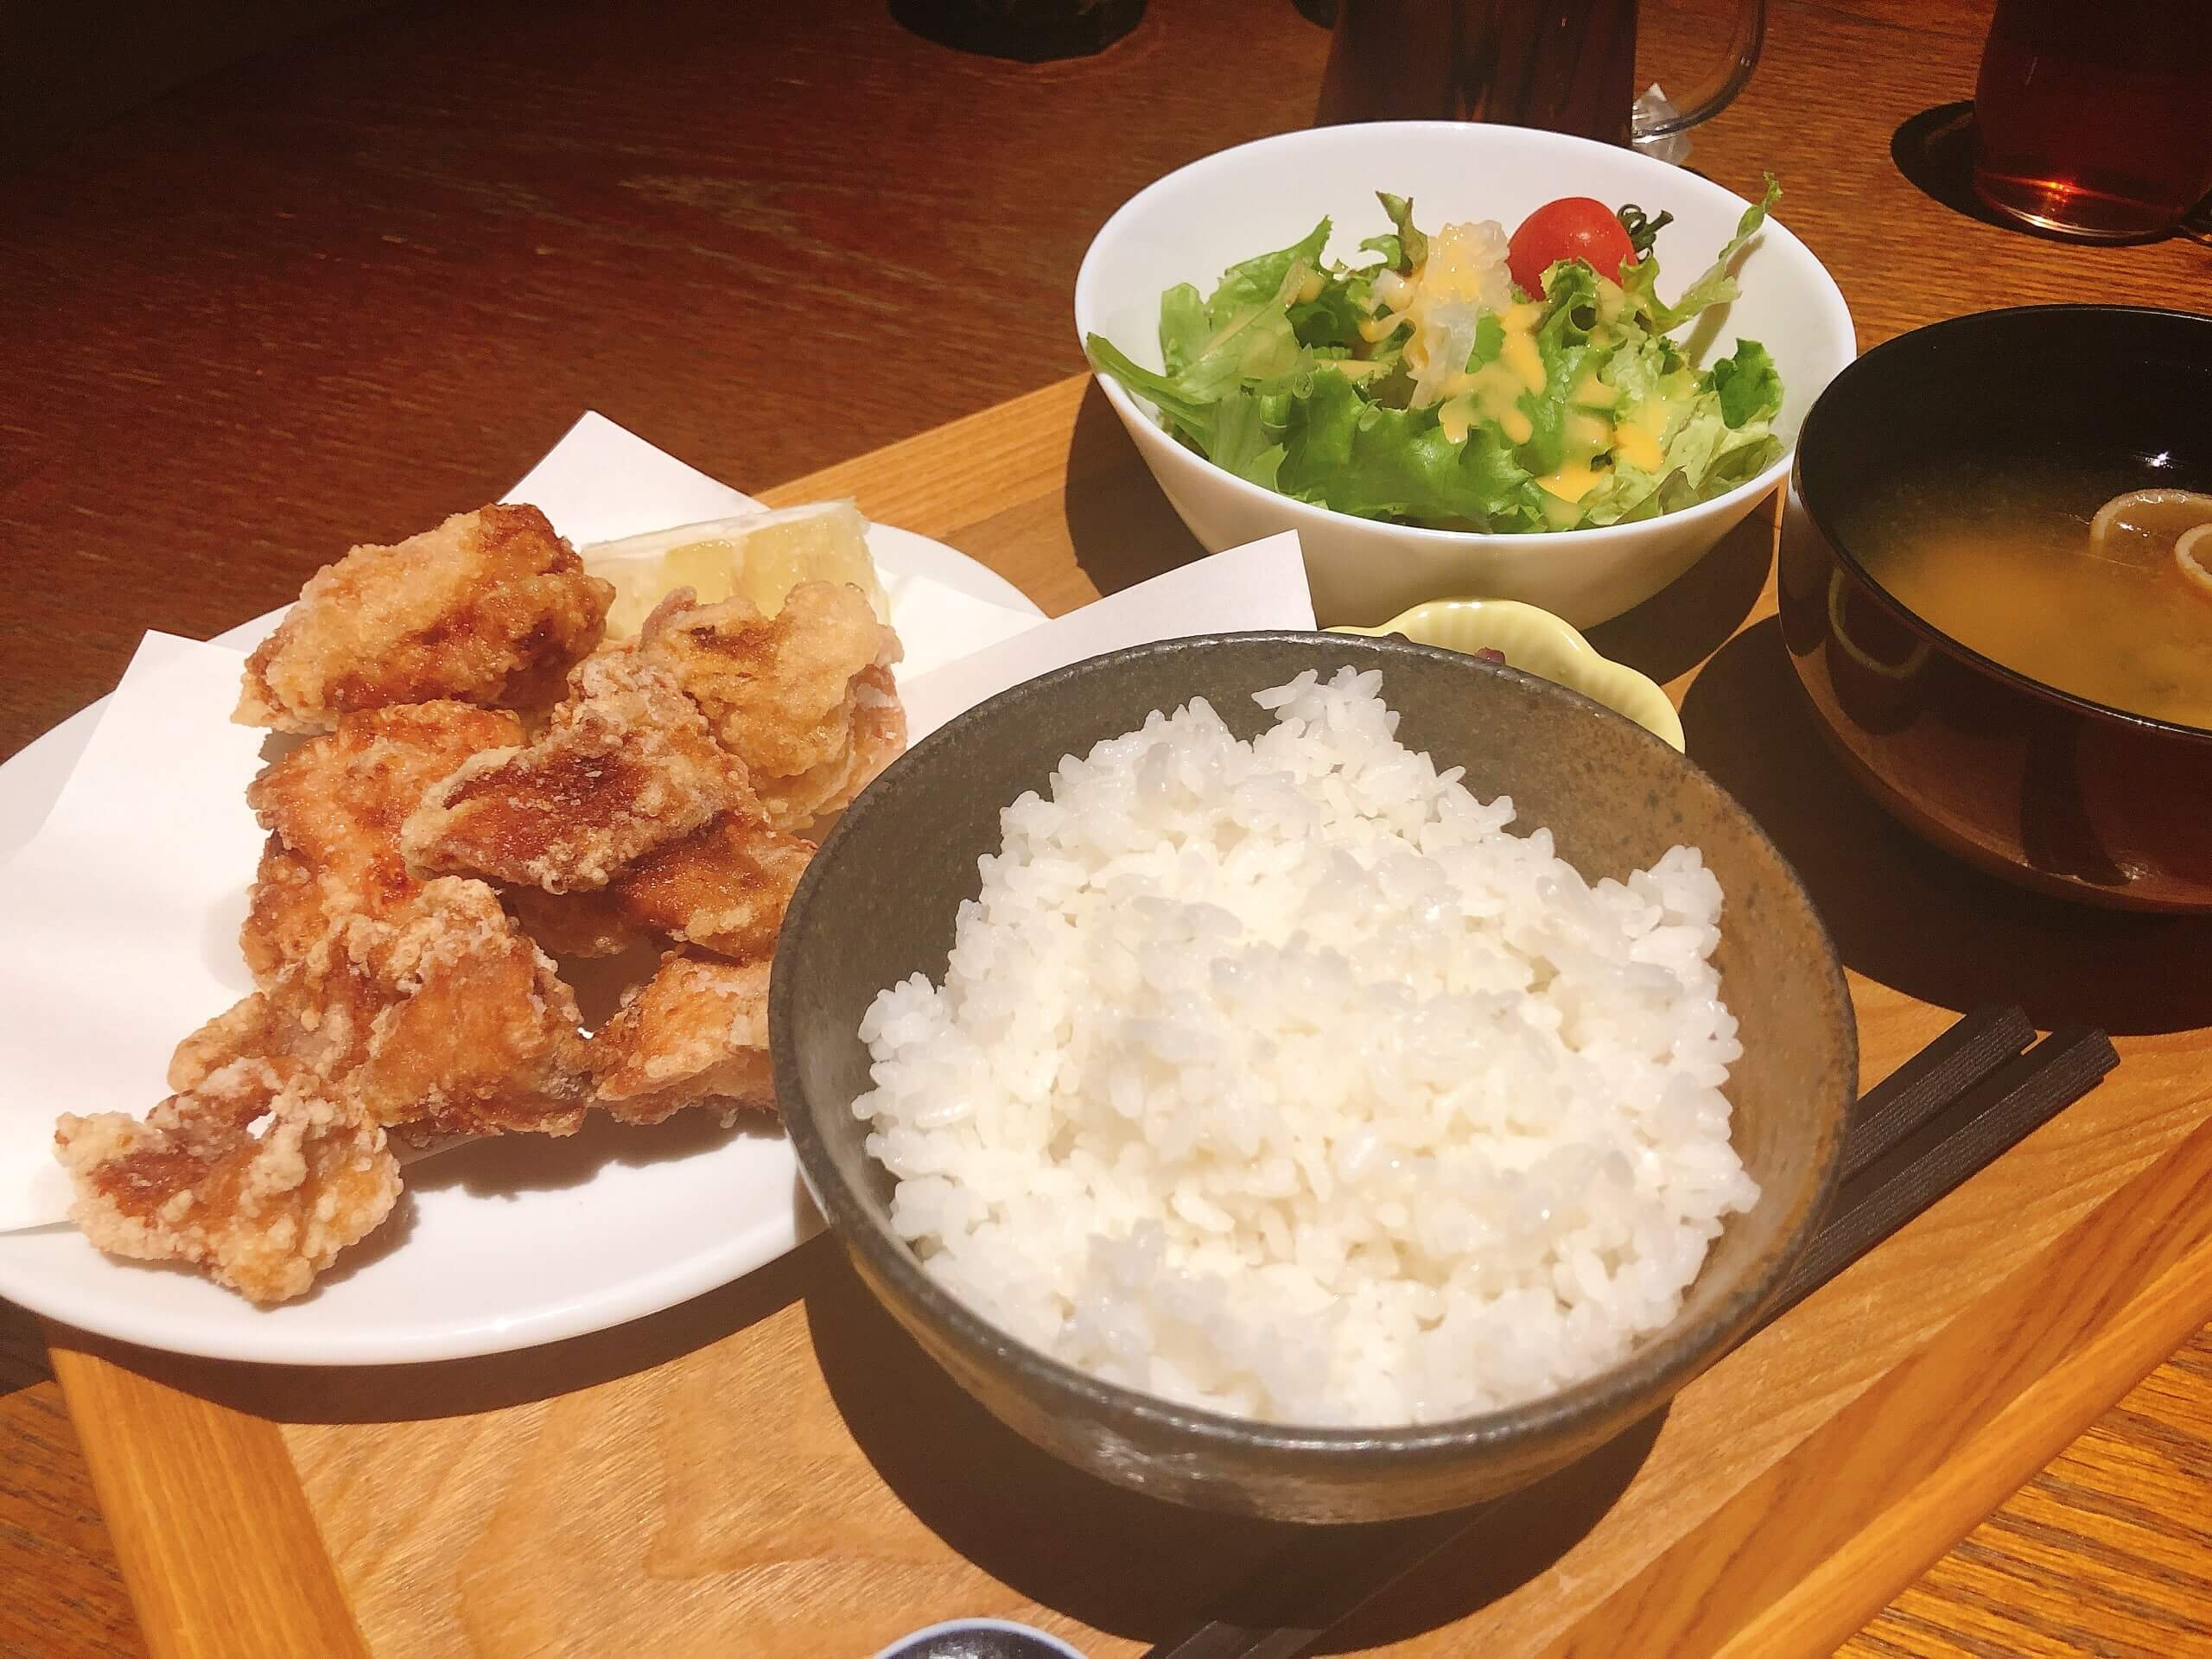 The Ryokan Tokyoの唐揚げ定食